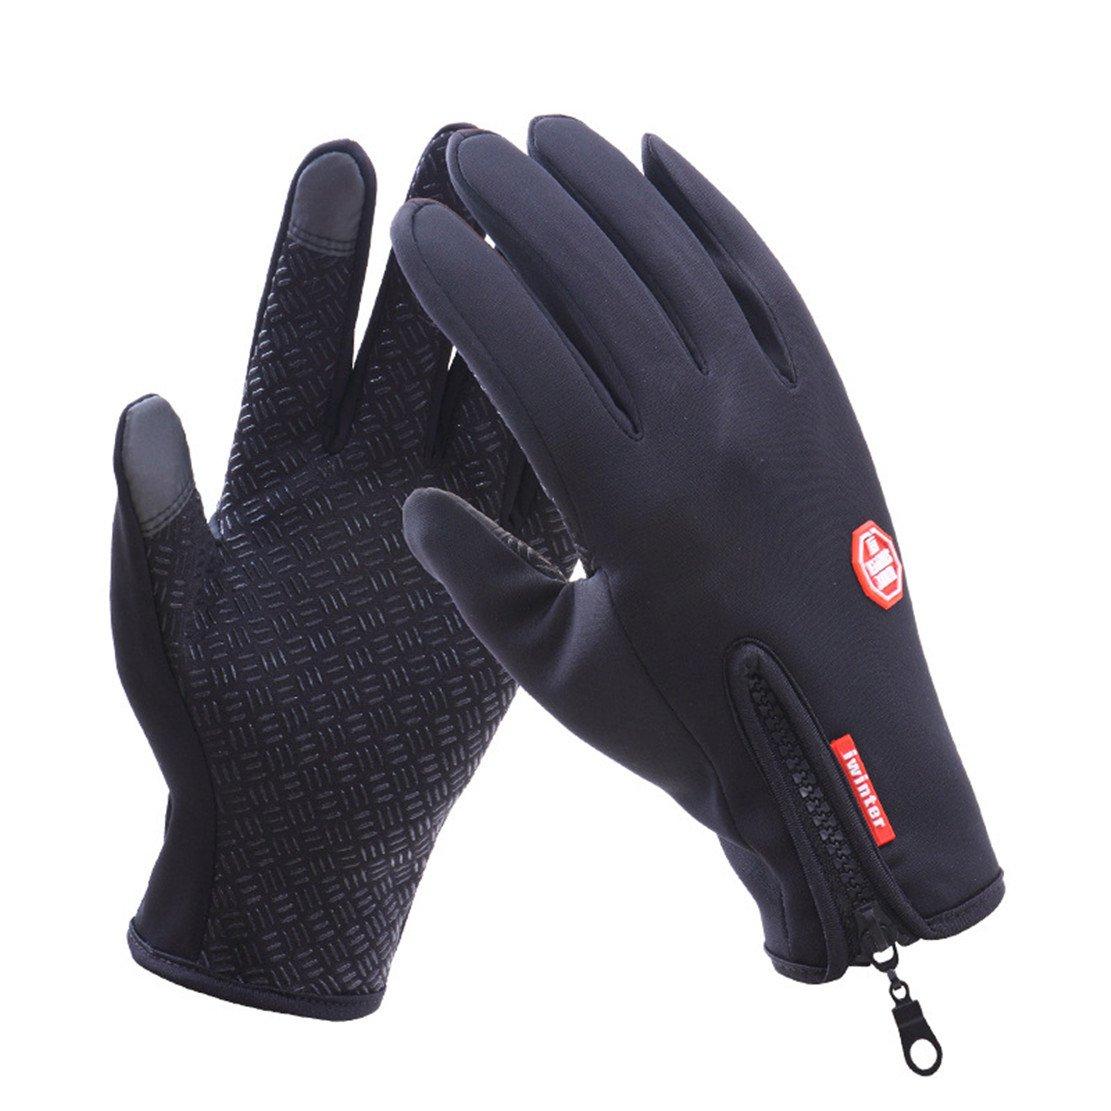 乗馬手袋、Wowen冬メンズとレディース手袋タッチスクリーン手袋アウトドアスポーツ手袋ドライブ登山、スキー、 ブラック01 Medium Mediumブラック01 B076XZNG3K